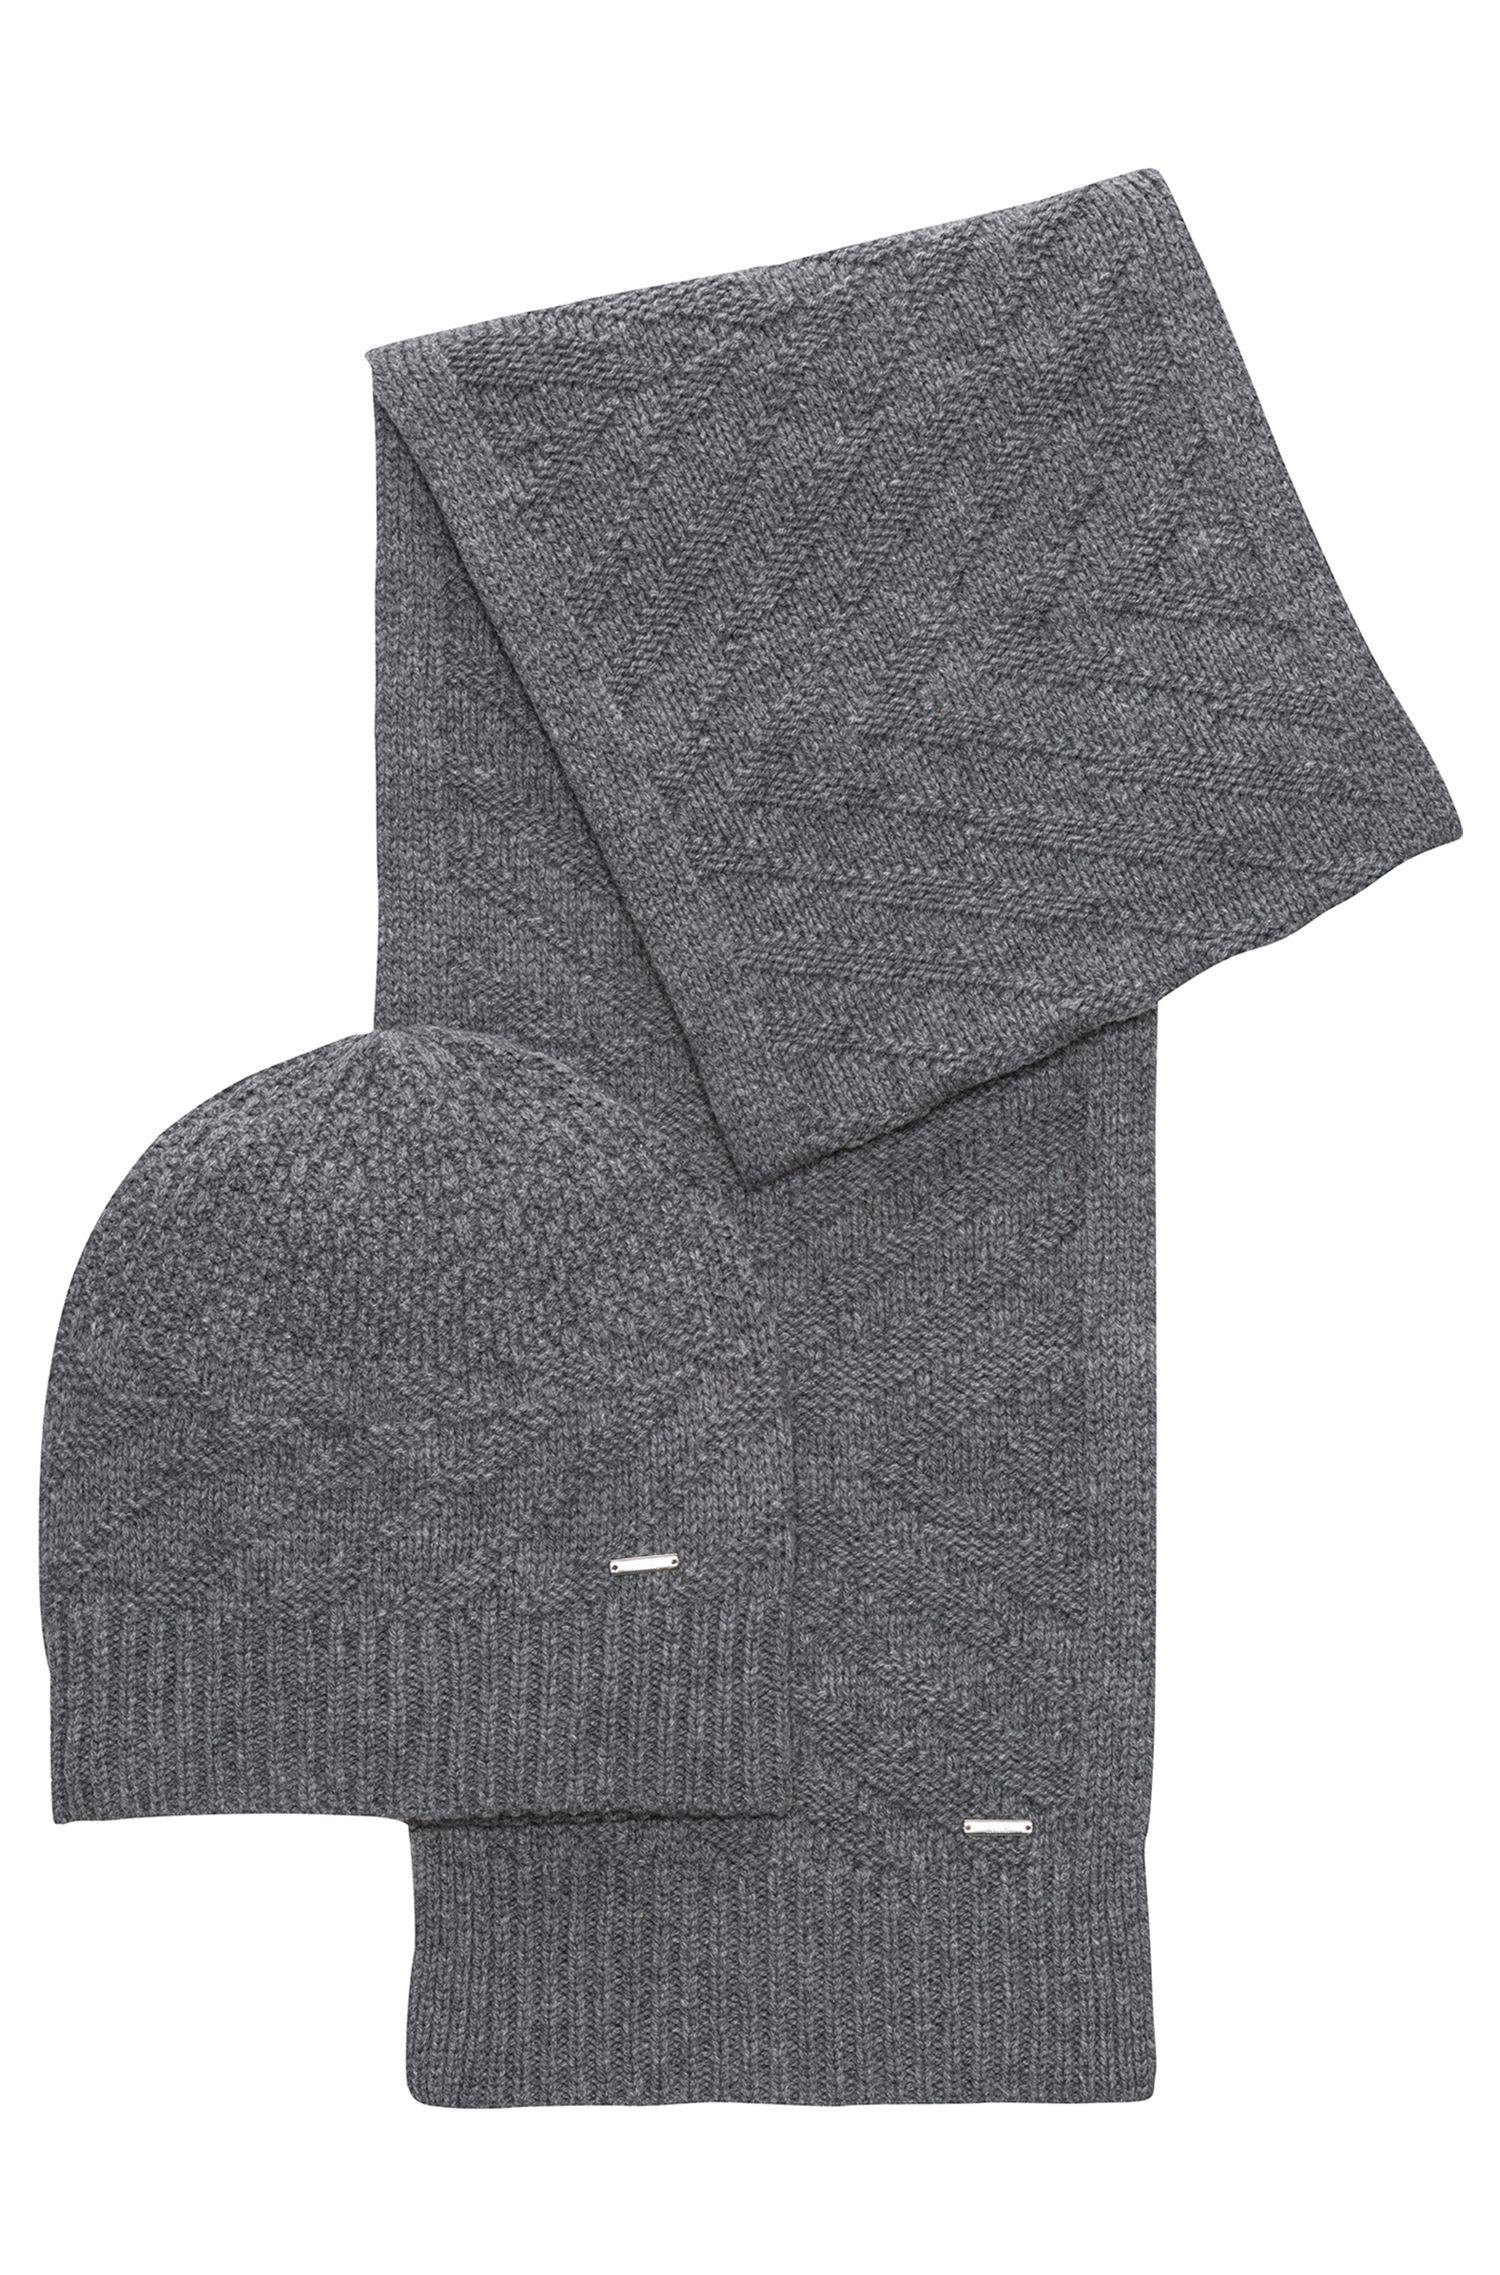 Gestricktes Jacquard-Set mit Schal und Mütze aus Schurwolle